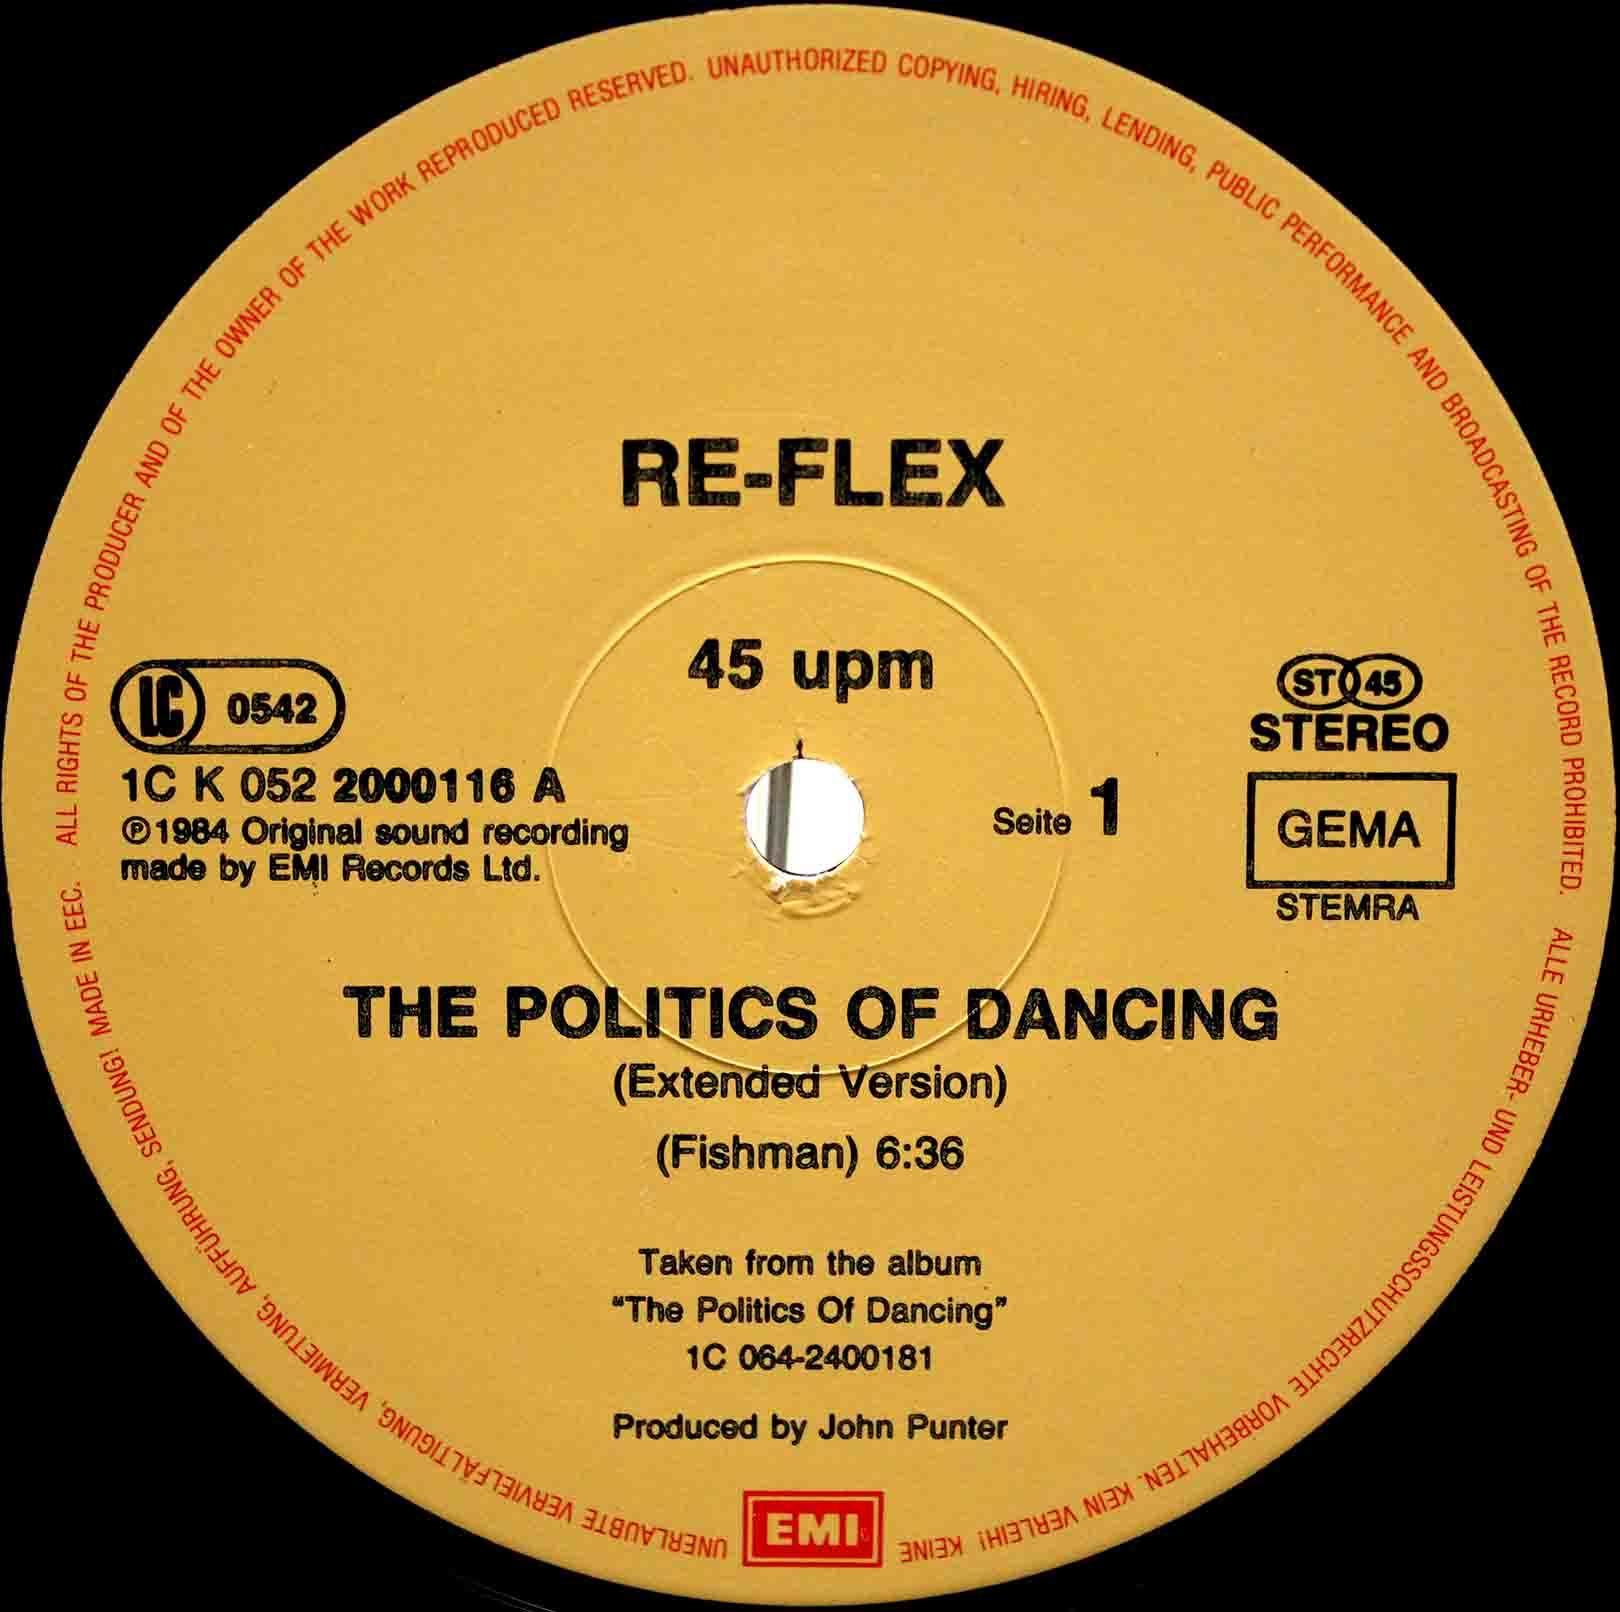 Re-flex The Politics of Dancing 03